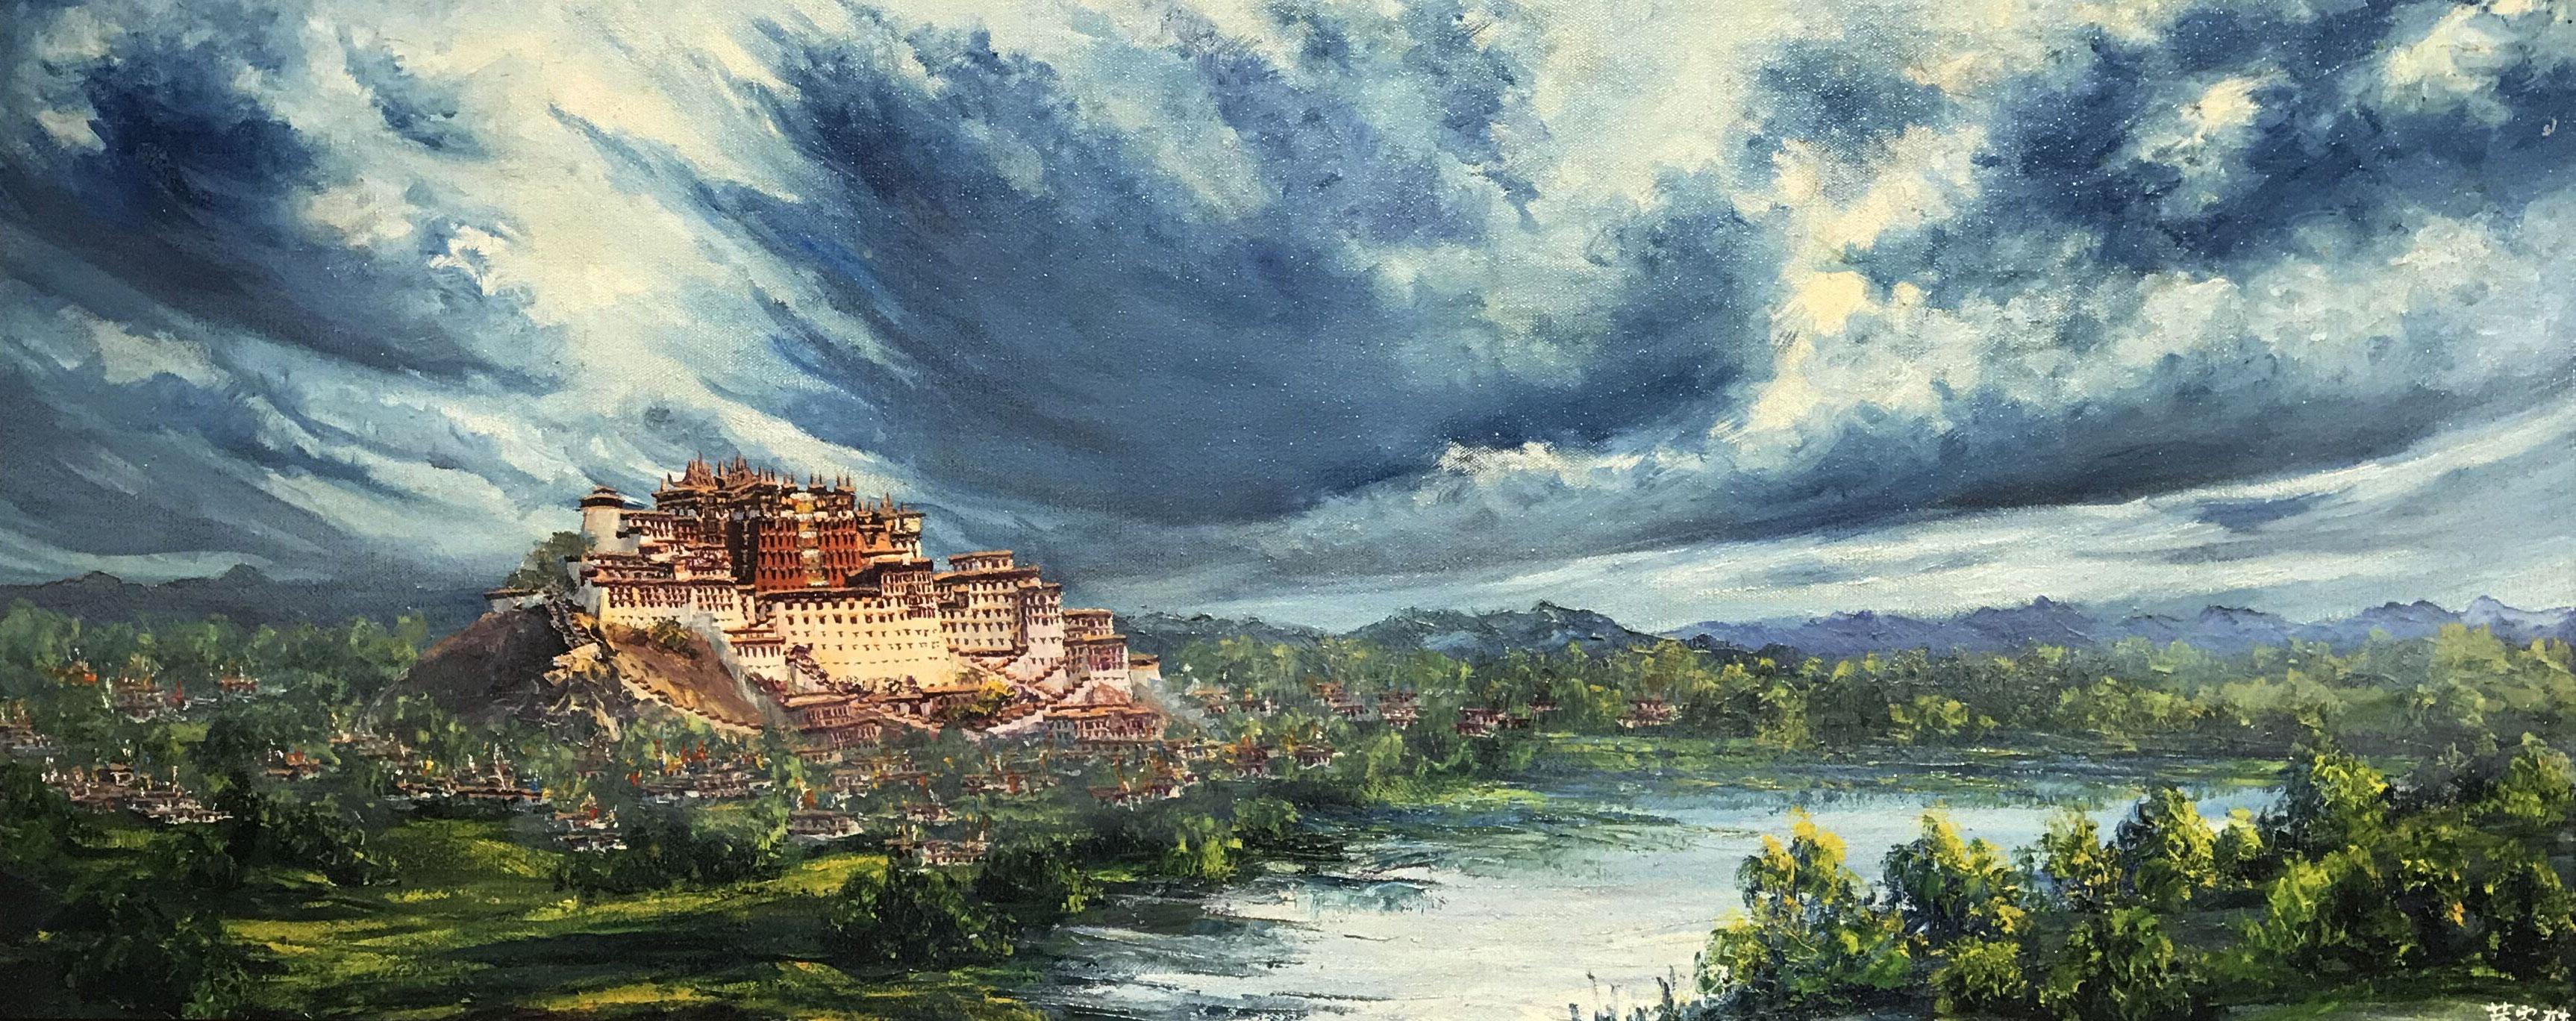 【用心听画】画家和他画笔里的布达拉宫